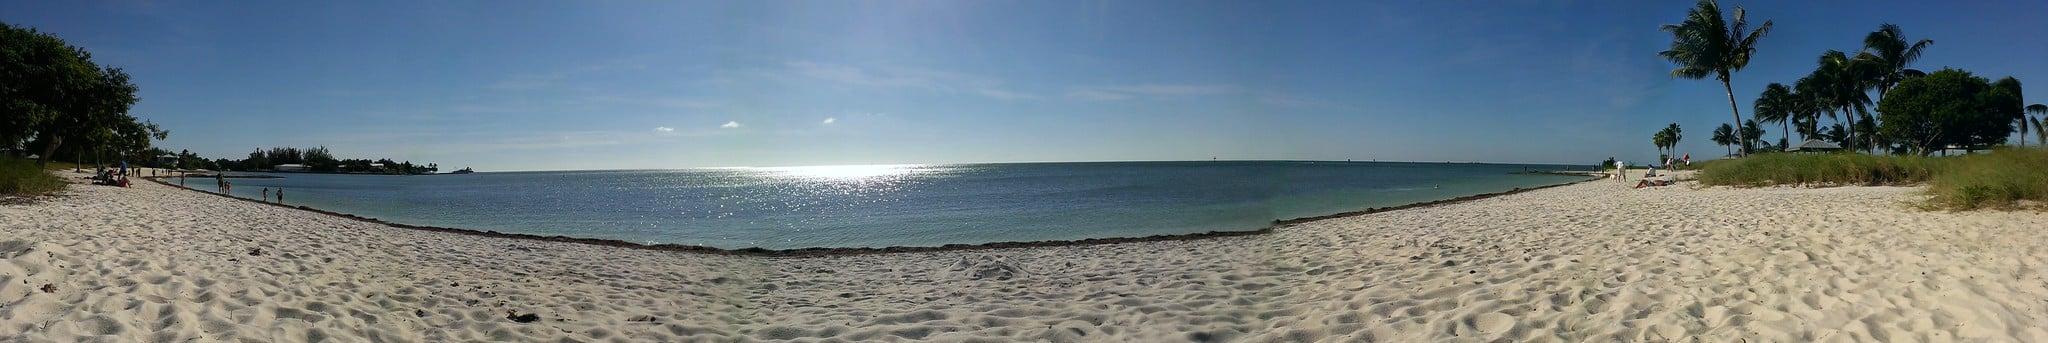 sombrero beach by florida keys family photographer